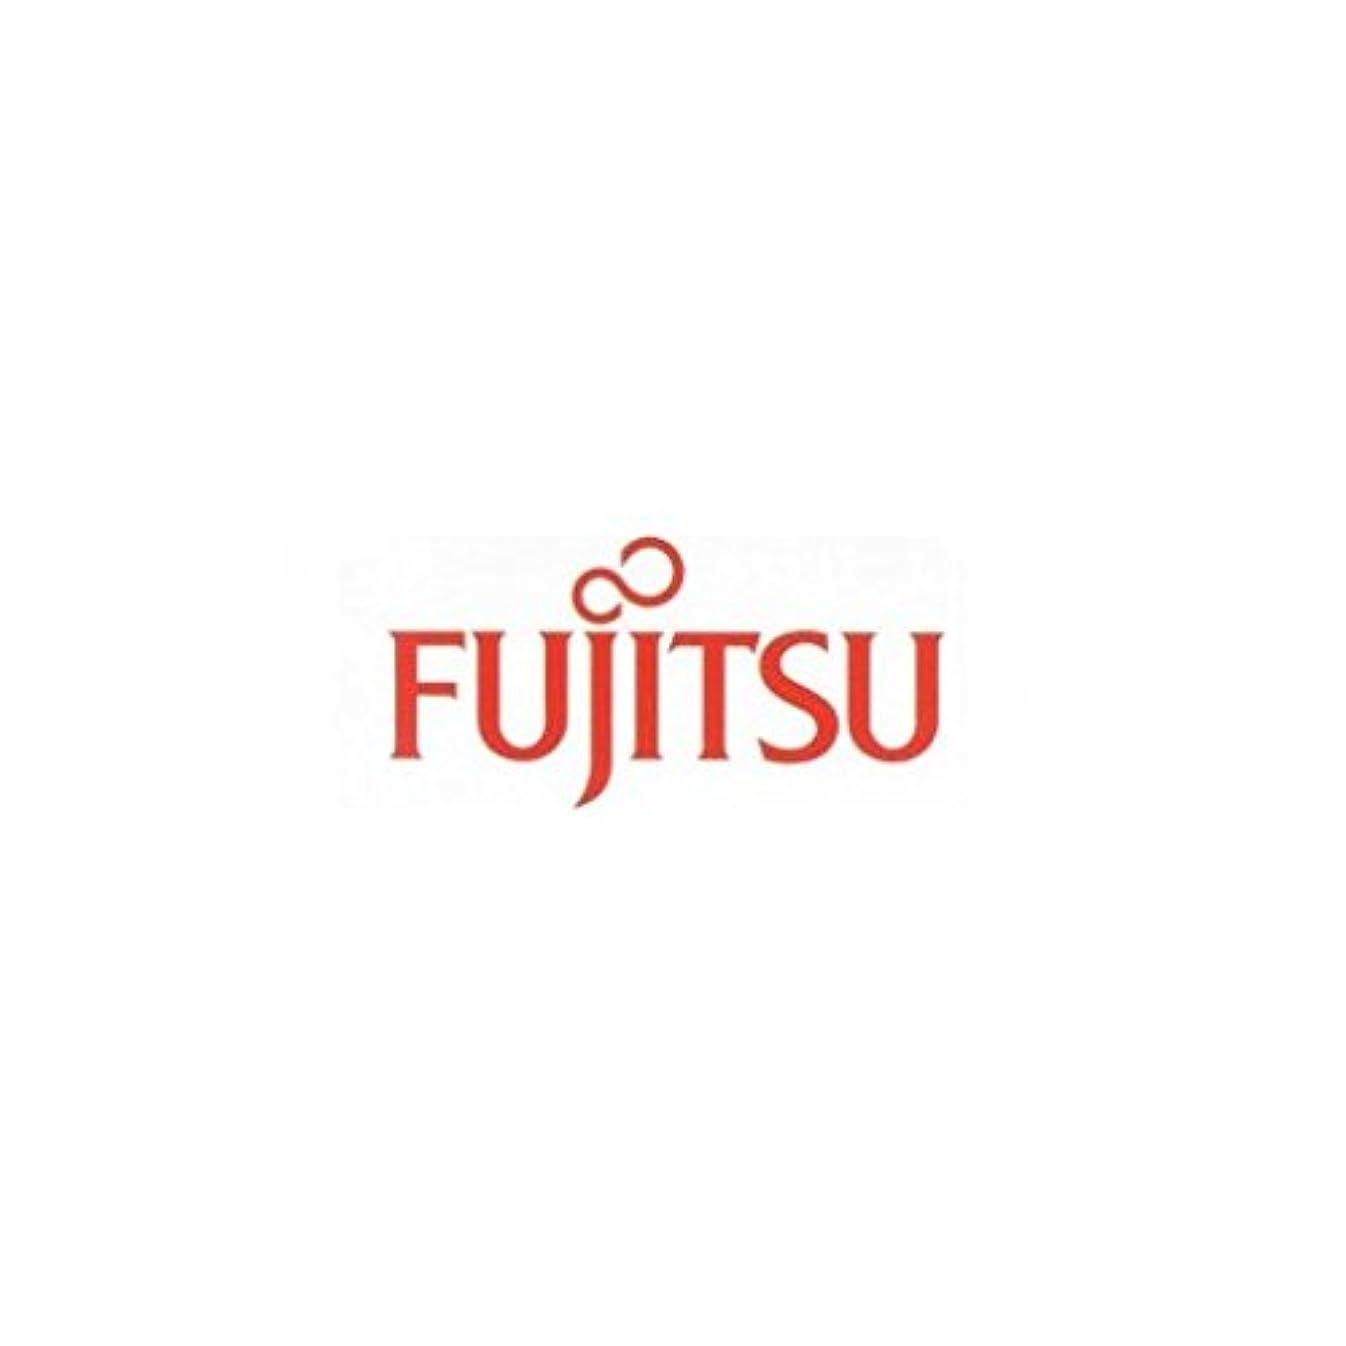 シリング上流のアナログSparepart : FujitsuアンテナUMTS LTE AUX、38038831